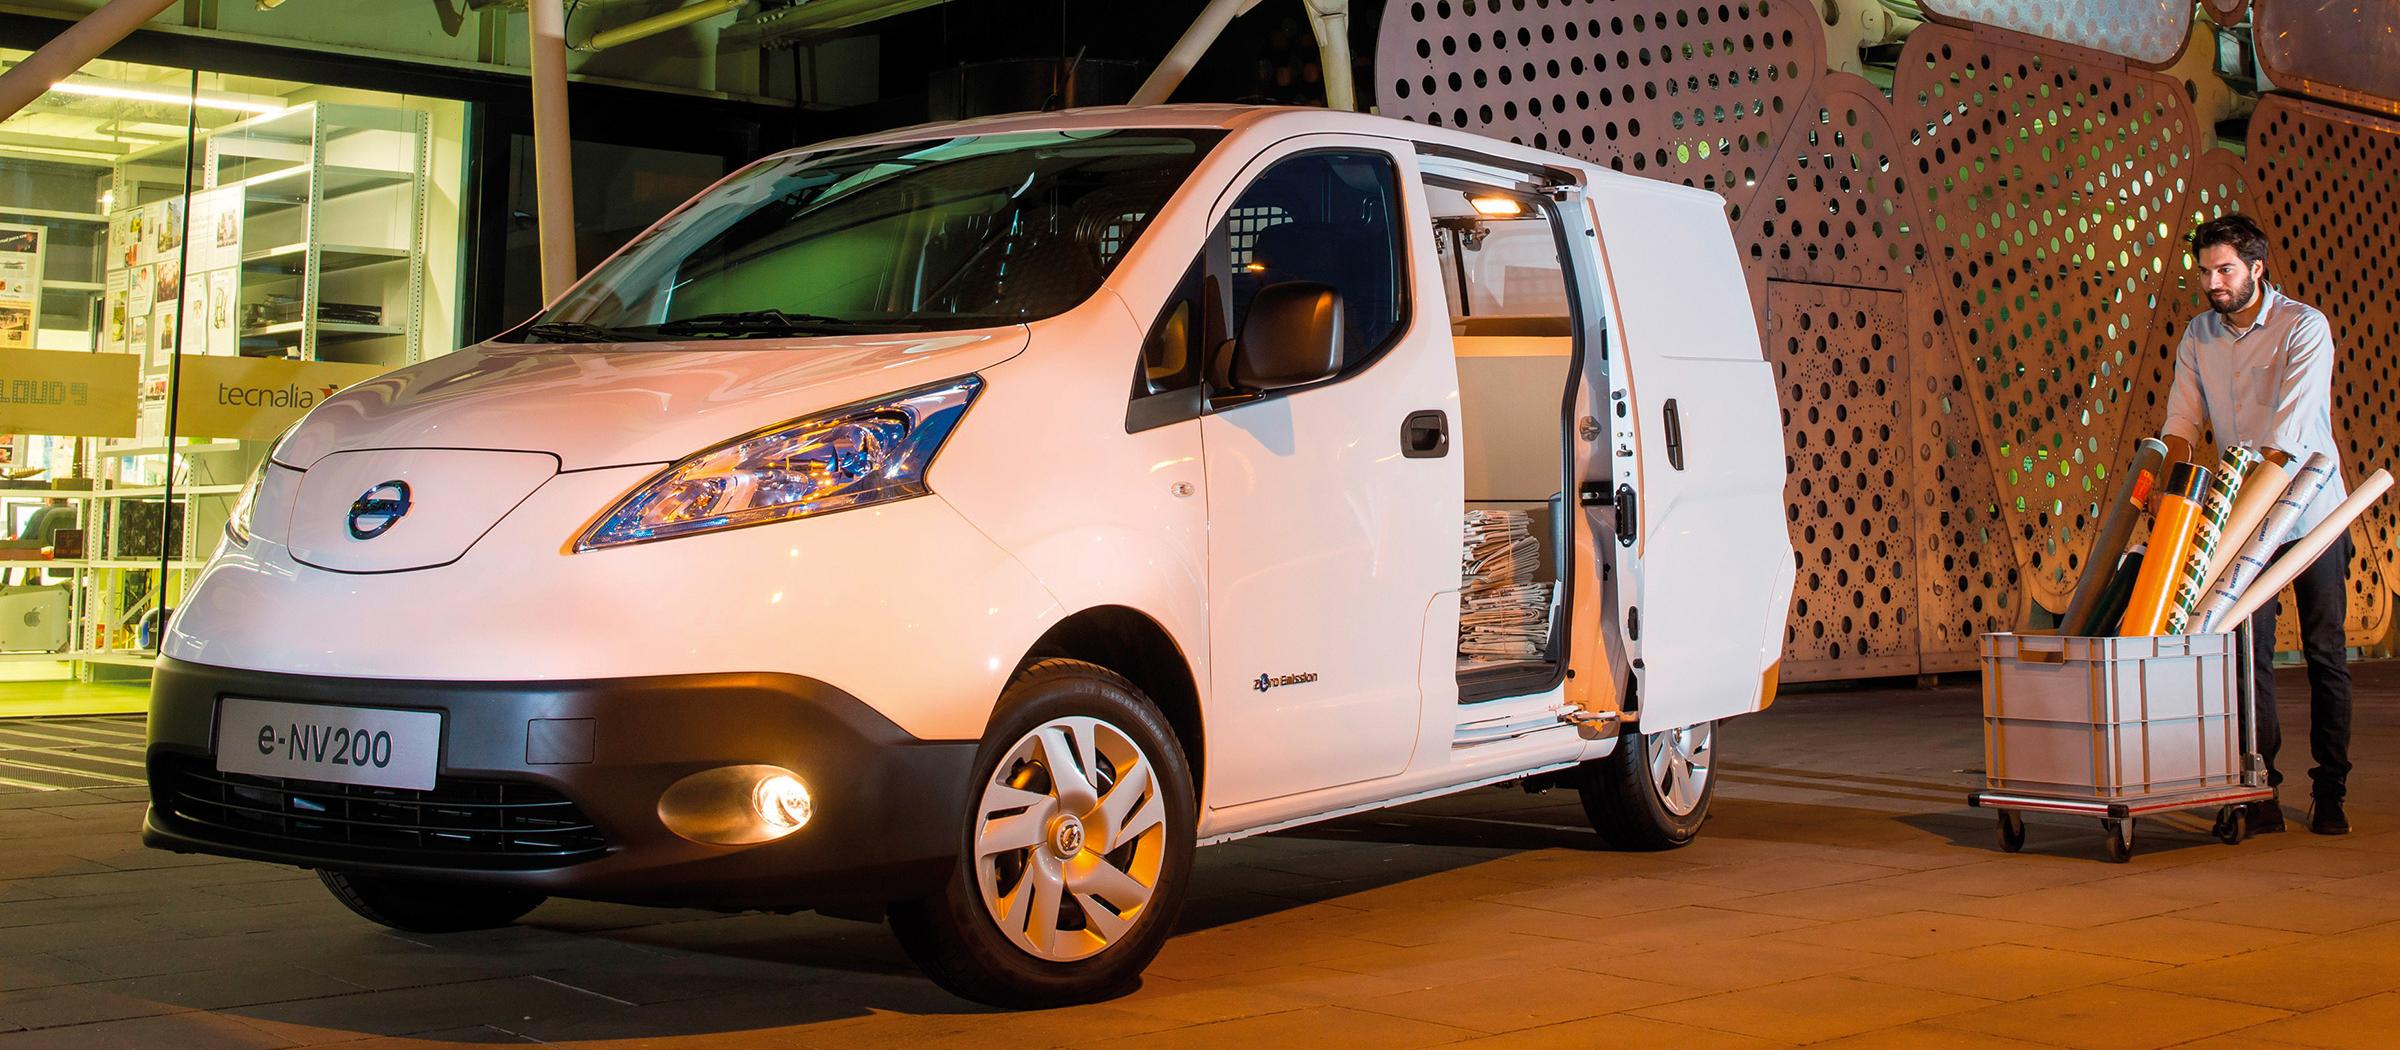 les-vehicules-nissan-de-dhl-express-selectrifient-a-aix-en-provence